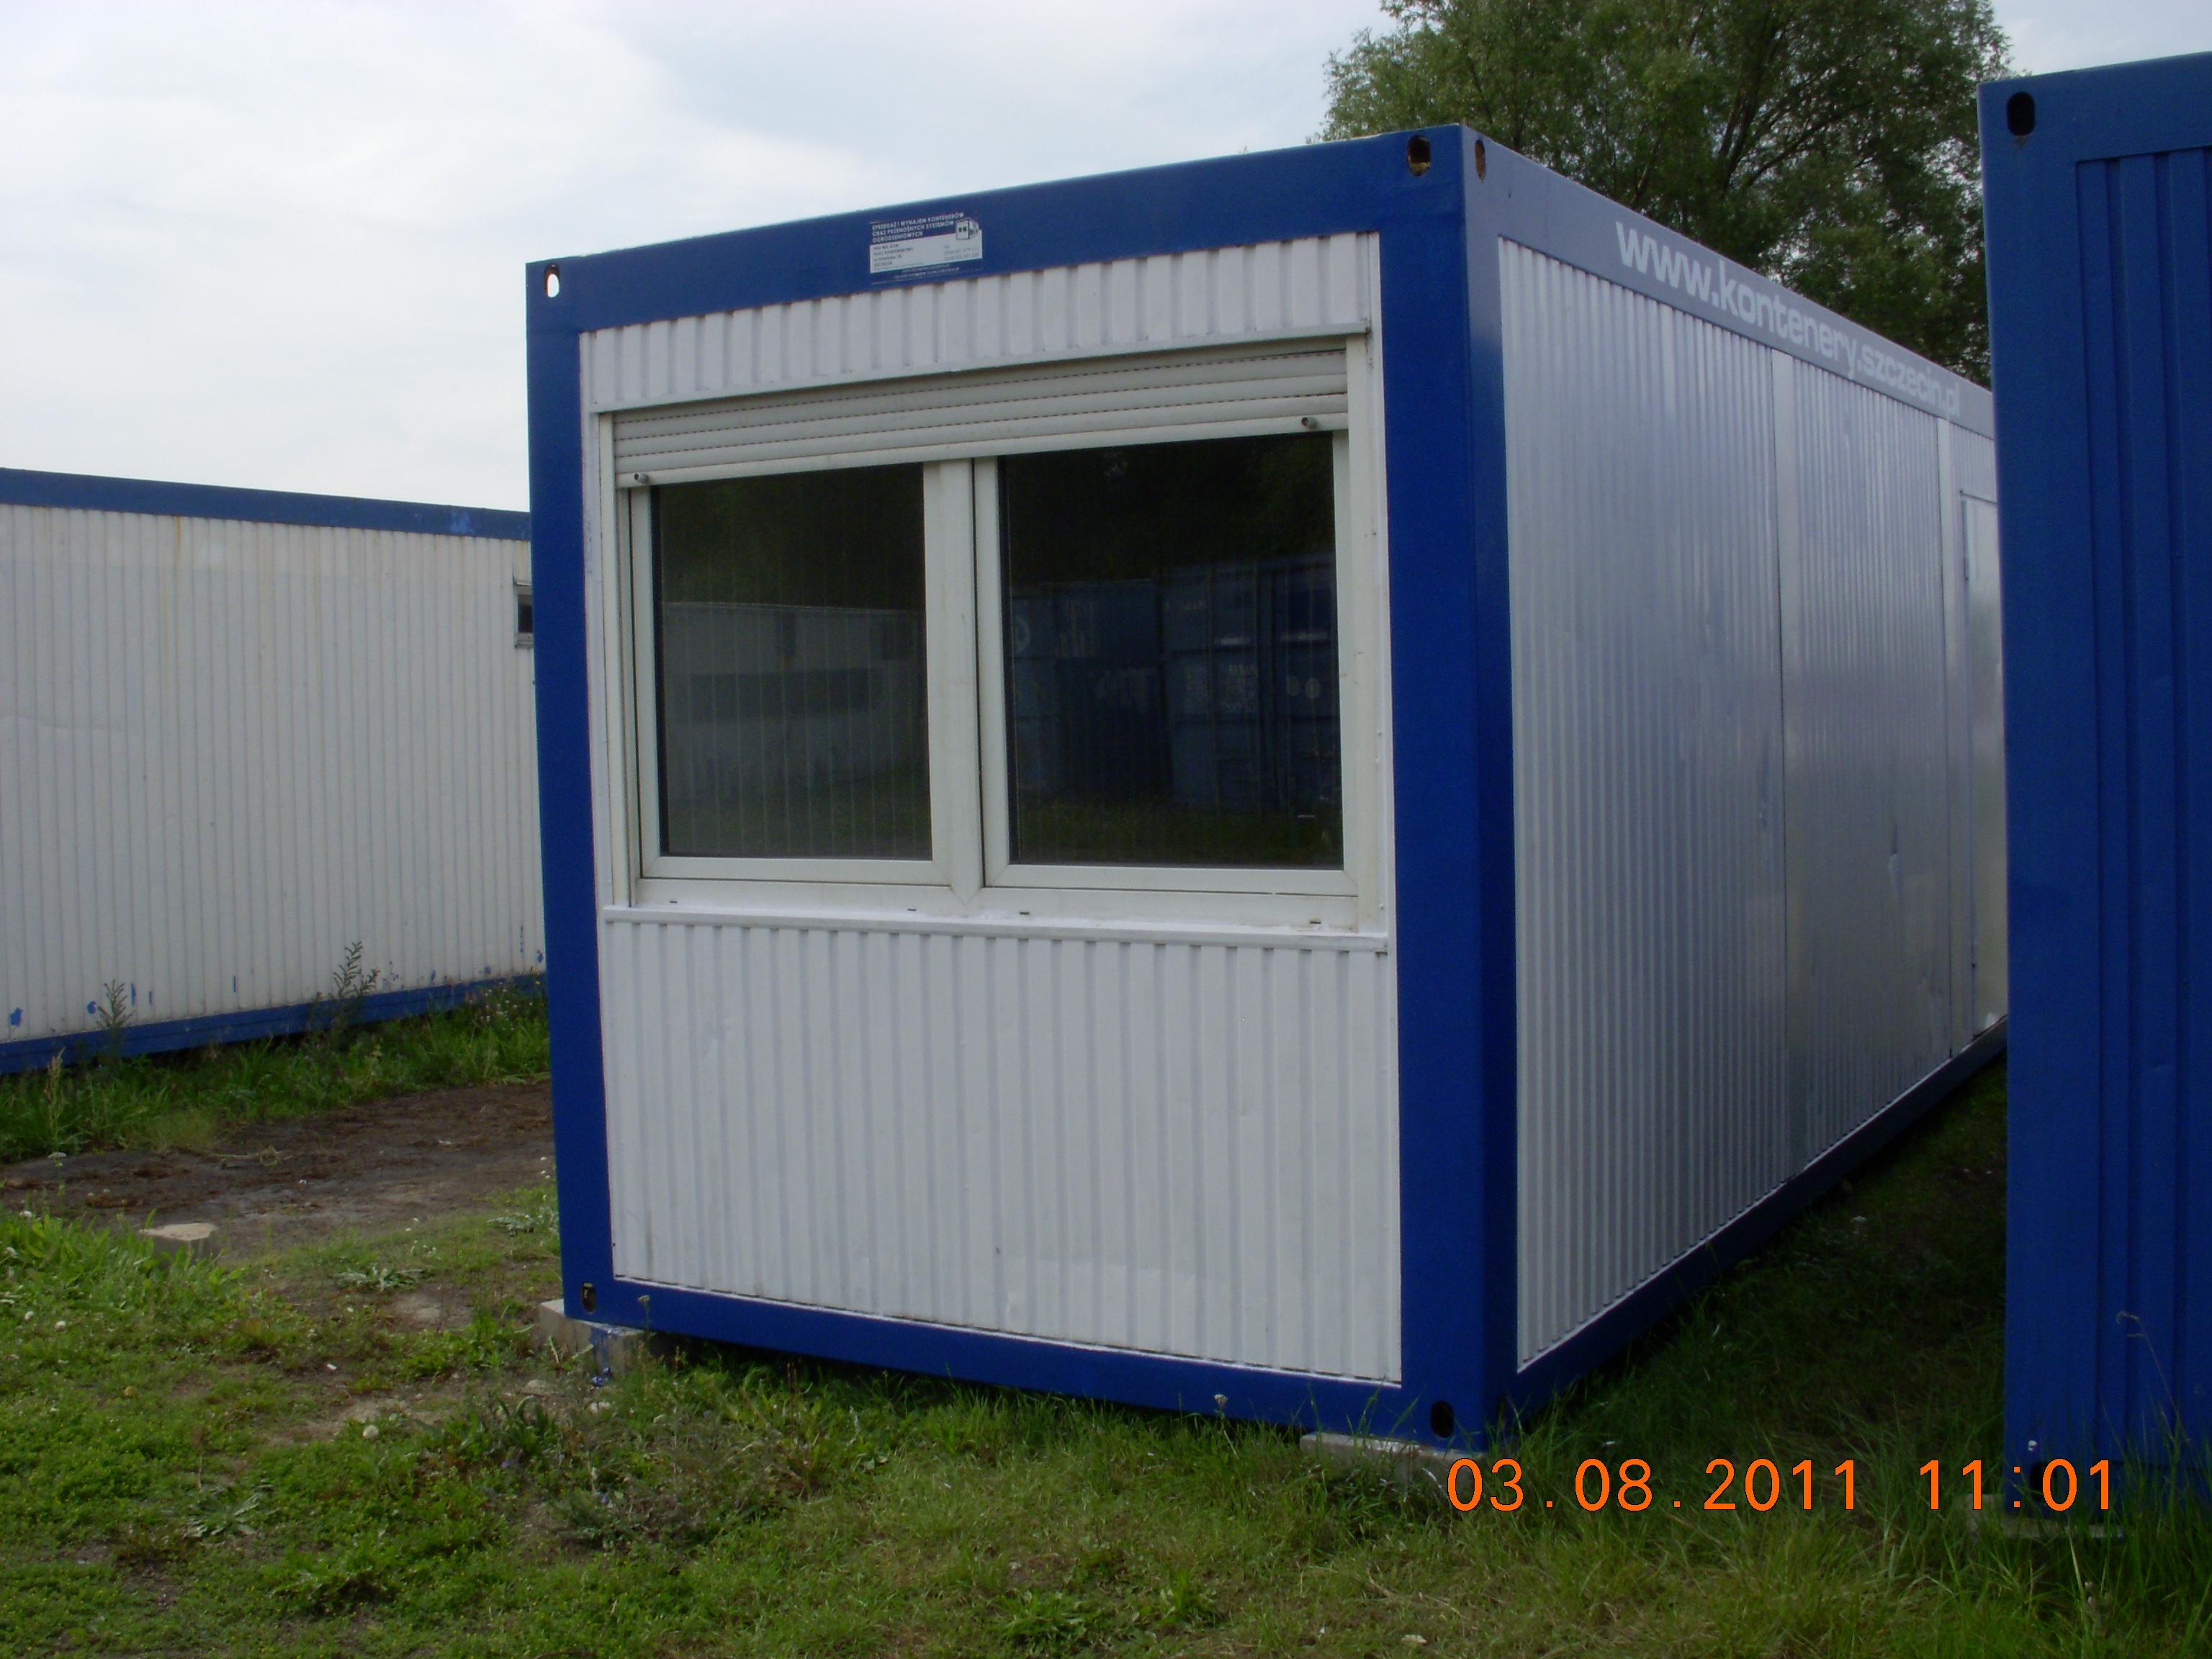 Niewiarygodnie MIL-KON Wynajem kontenerów i toalet przenośnych 601 979 315 ZG28